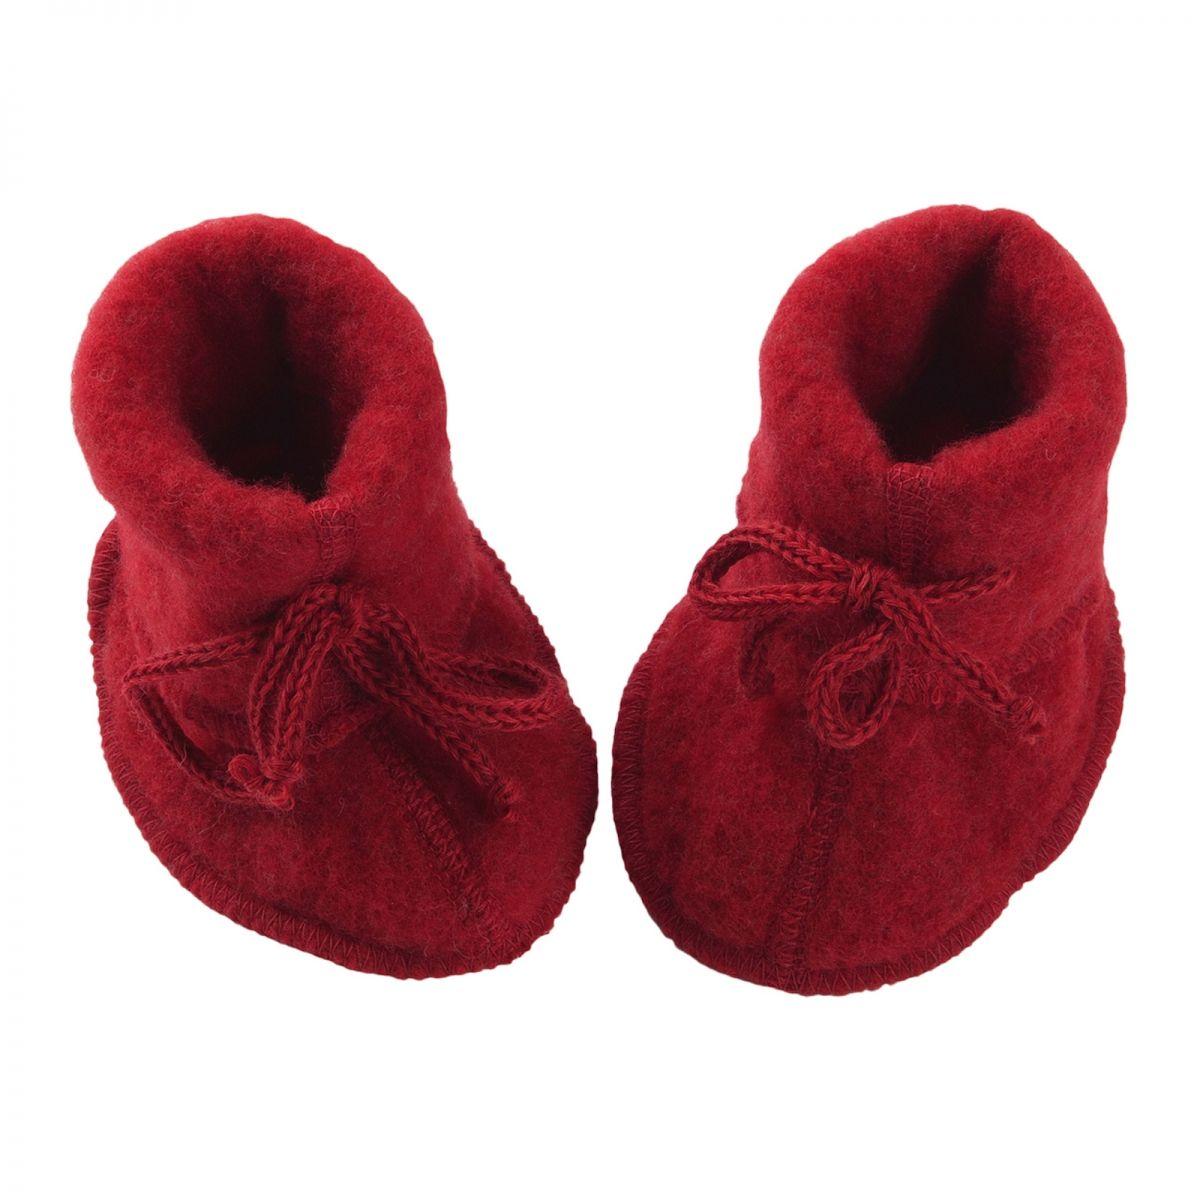 Botoşei pentru bebeluși din lână merinos fleece organică Red Engel